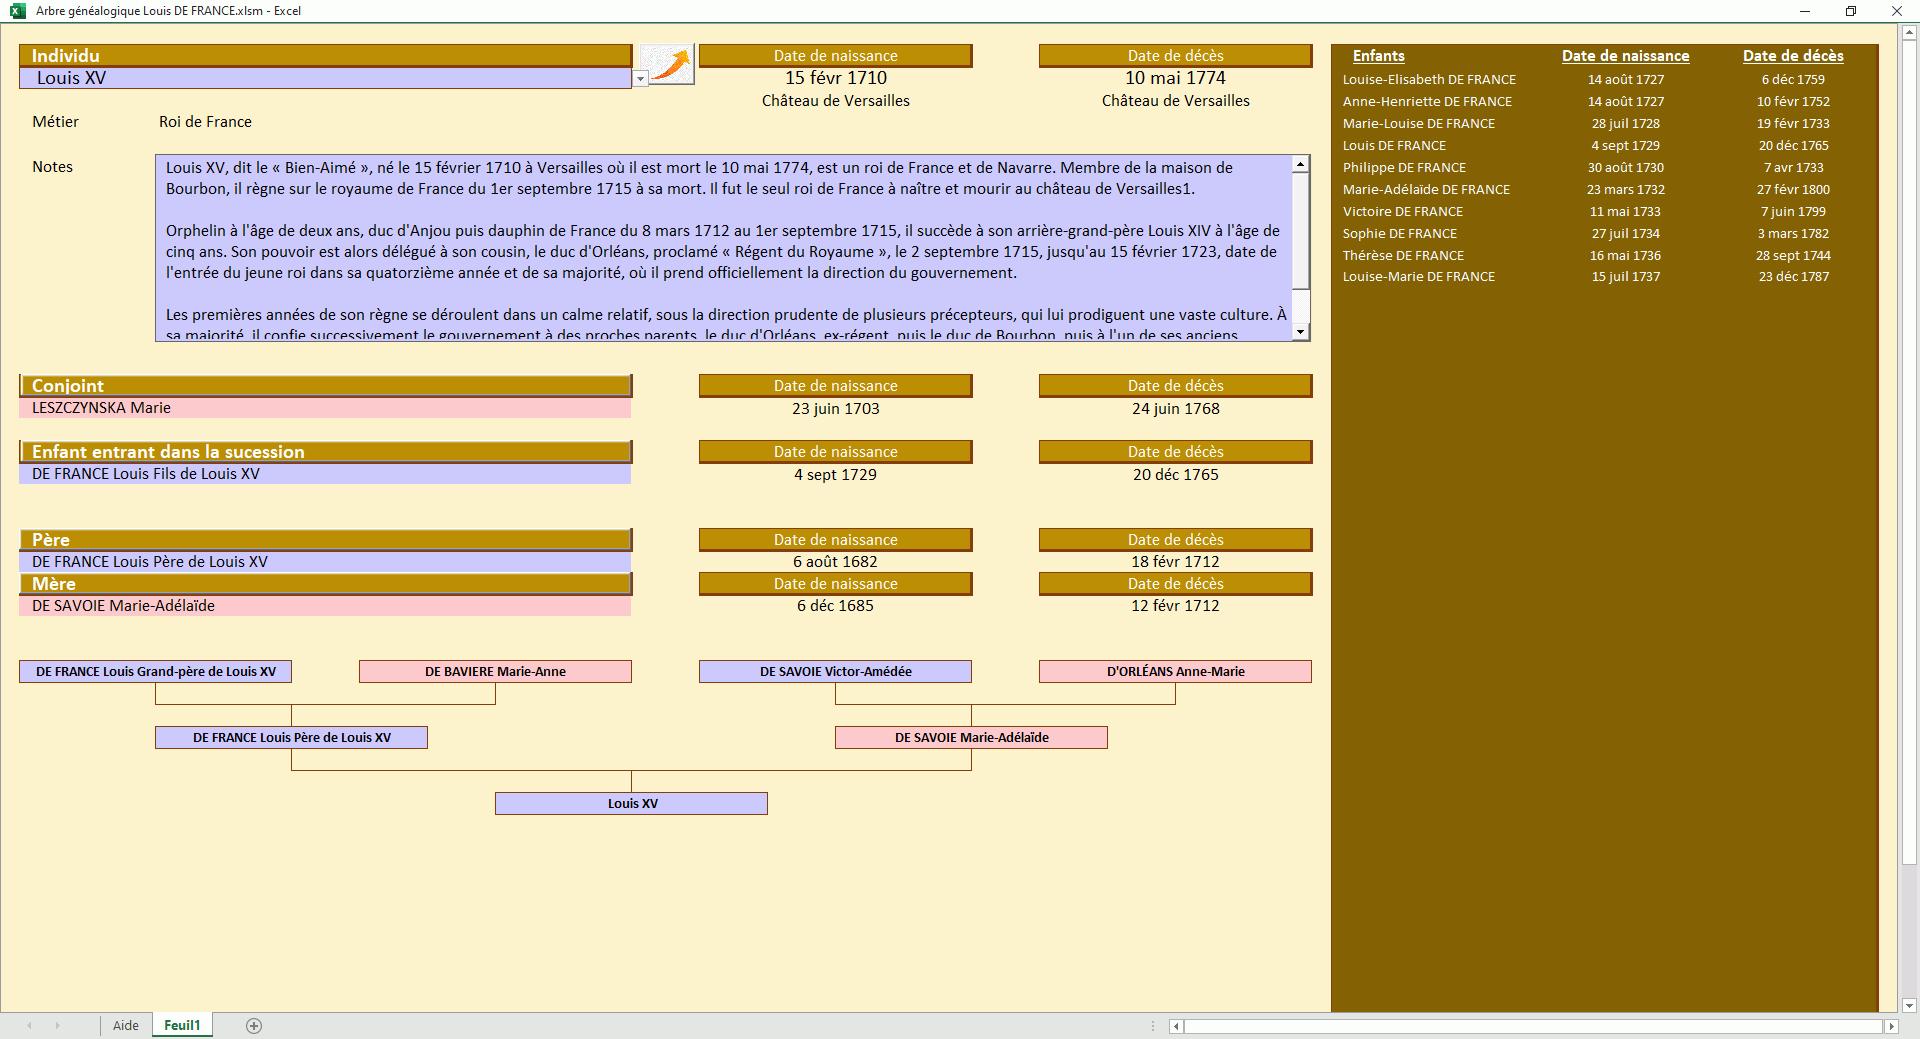 louis xv genealogie reconciliee avec l histoire